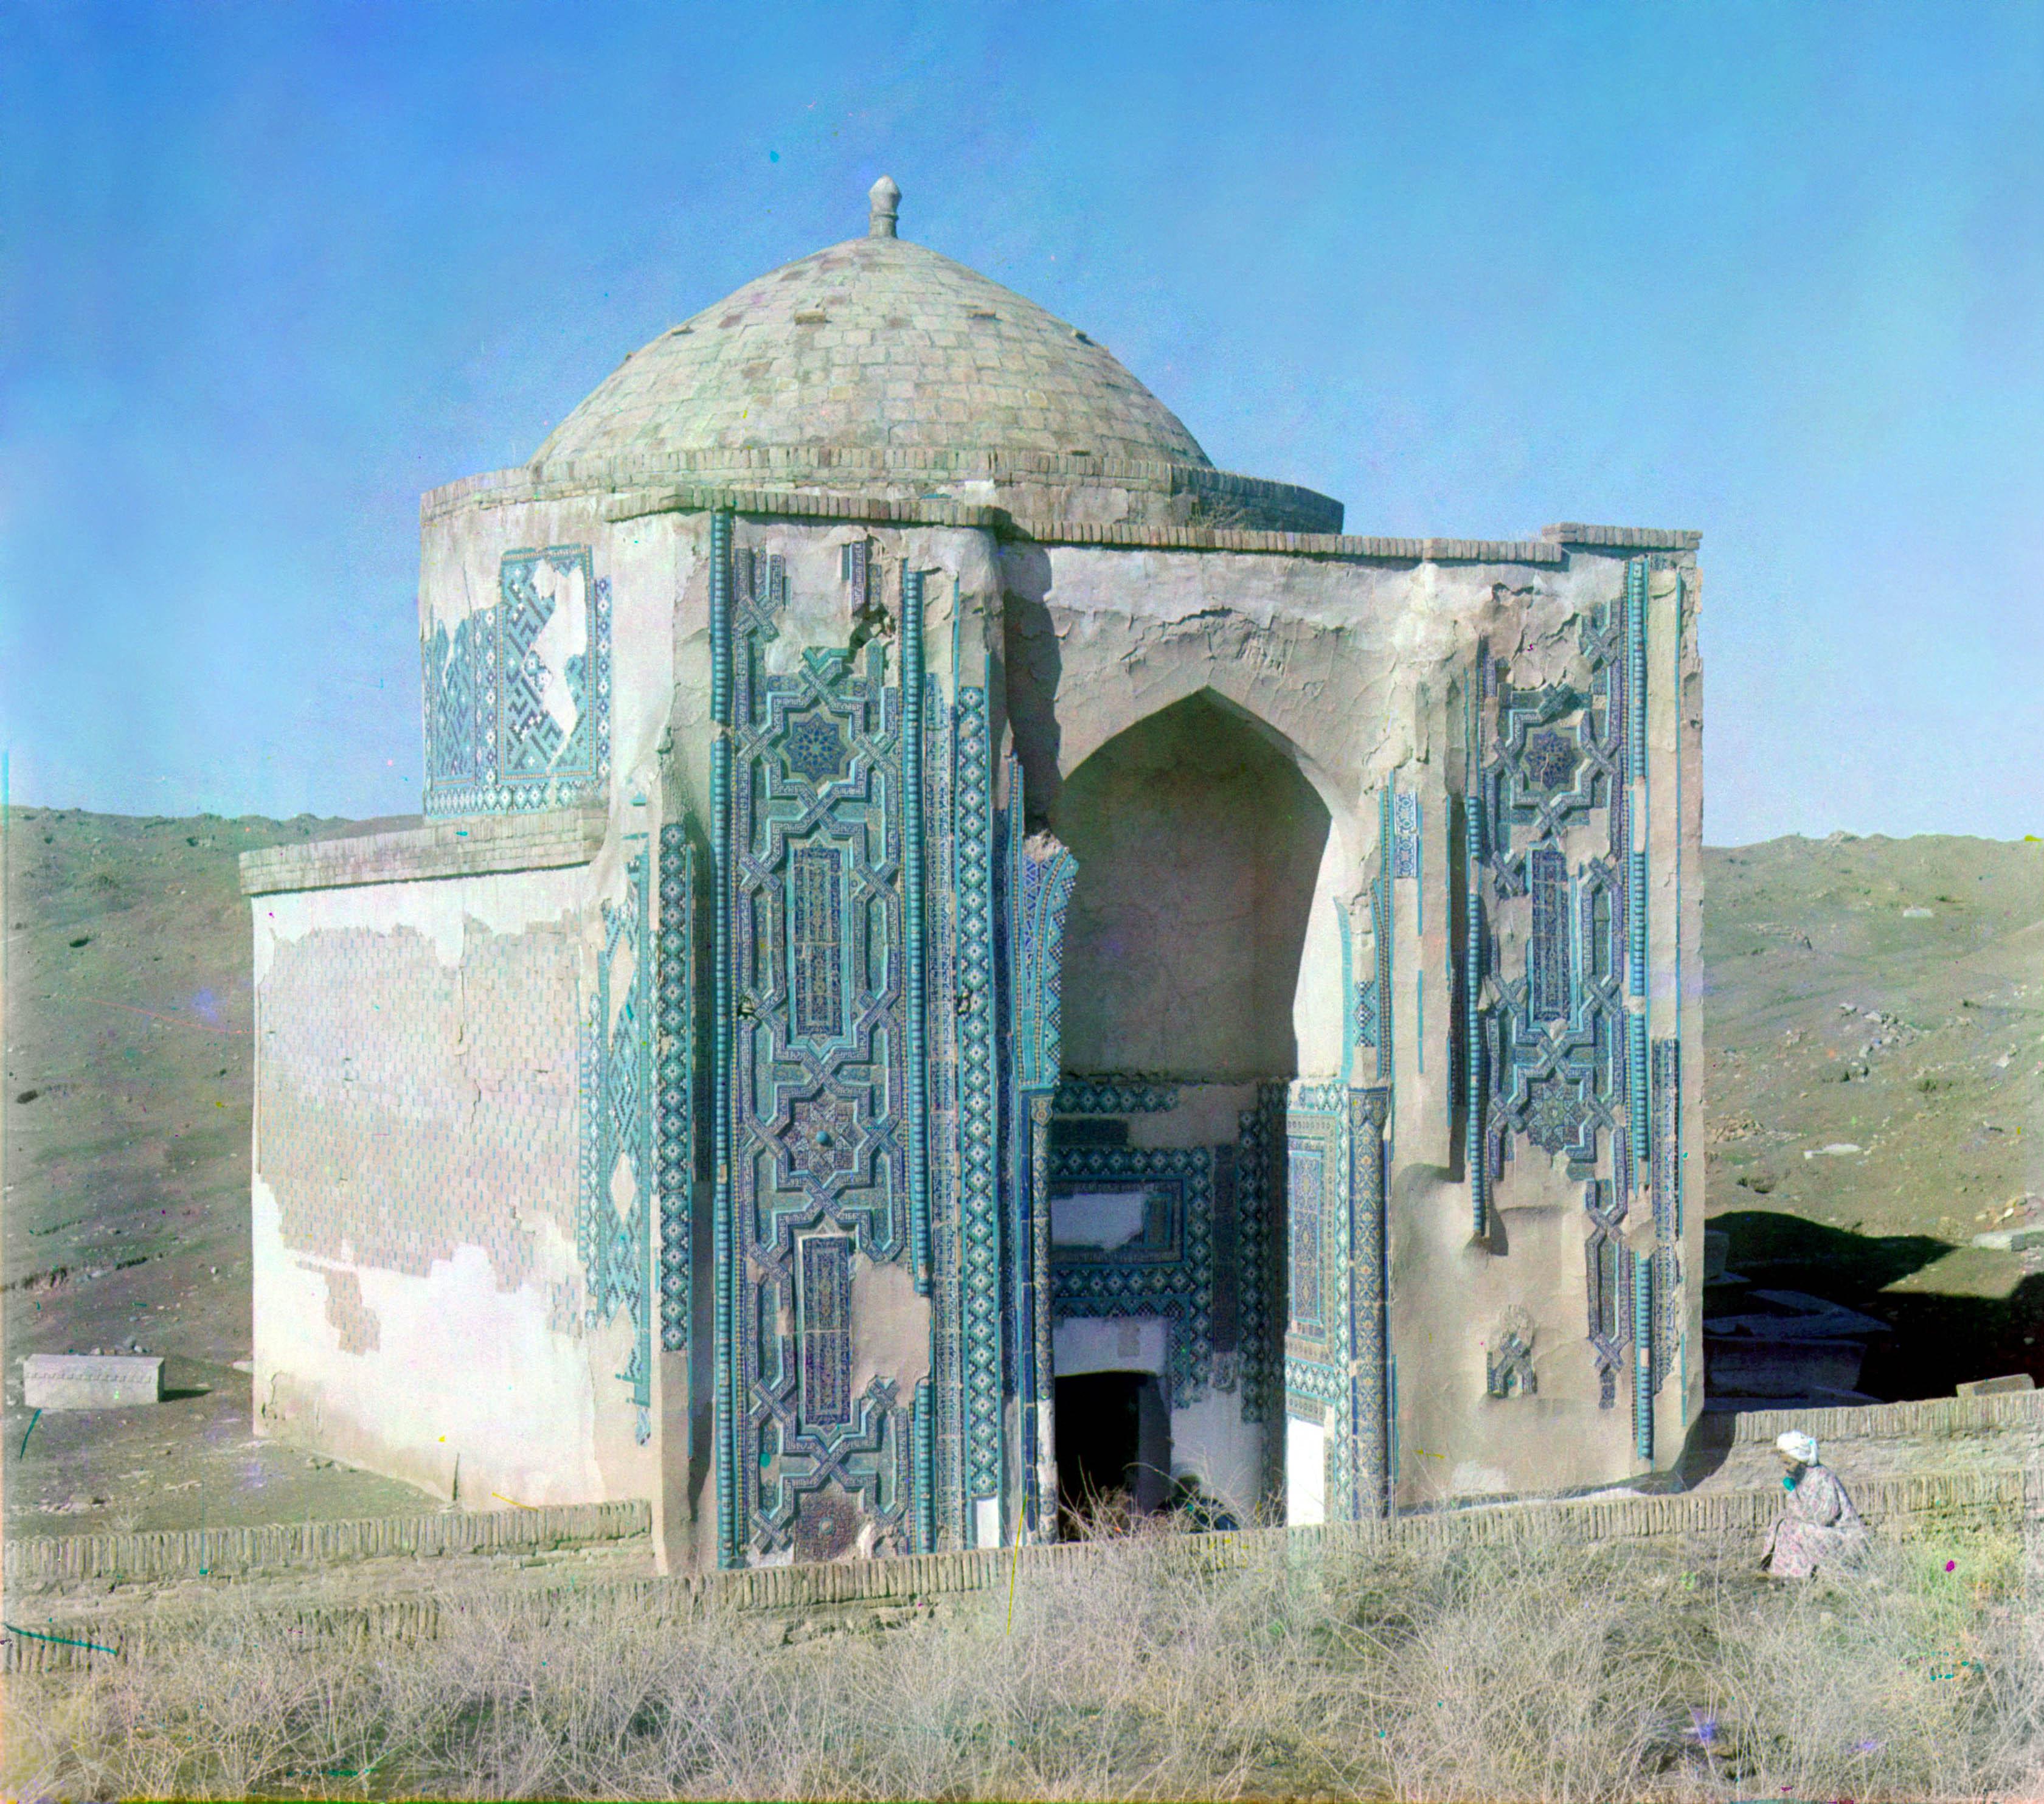 Шах-Зинде. Мазар на горе у Шах-Зинде. Мавзолей Усто Али Насафи